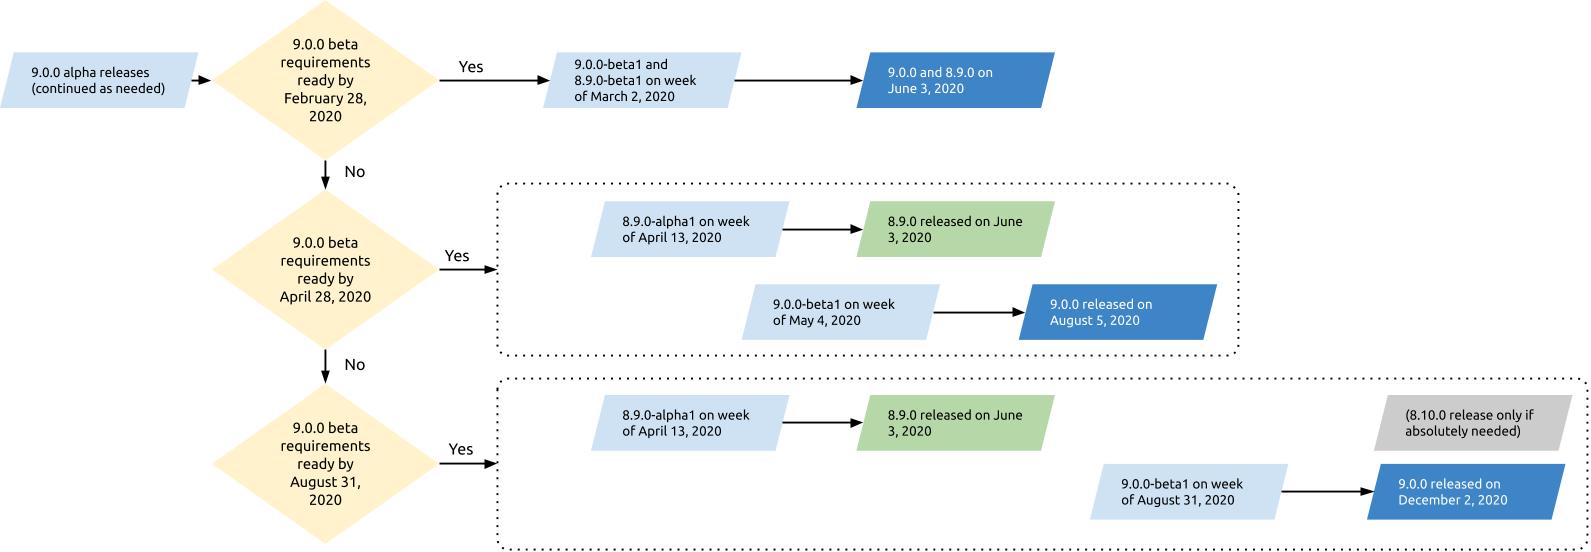 The three Drupal 9 release scenarios